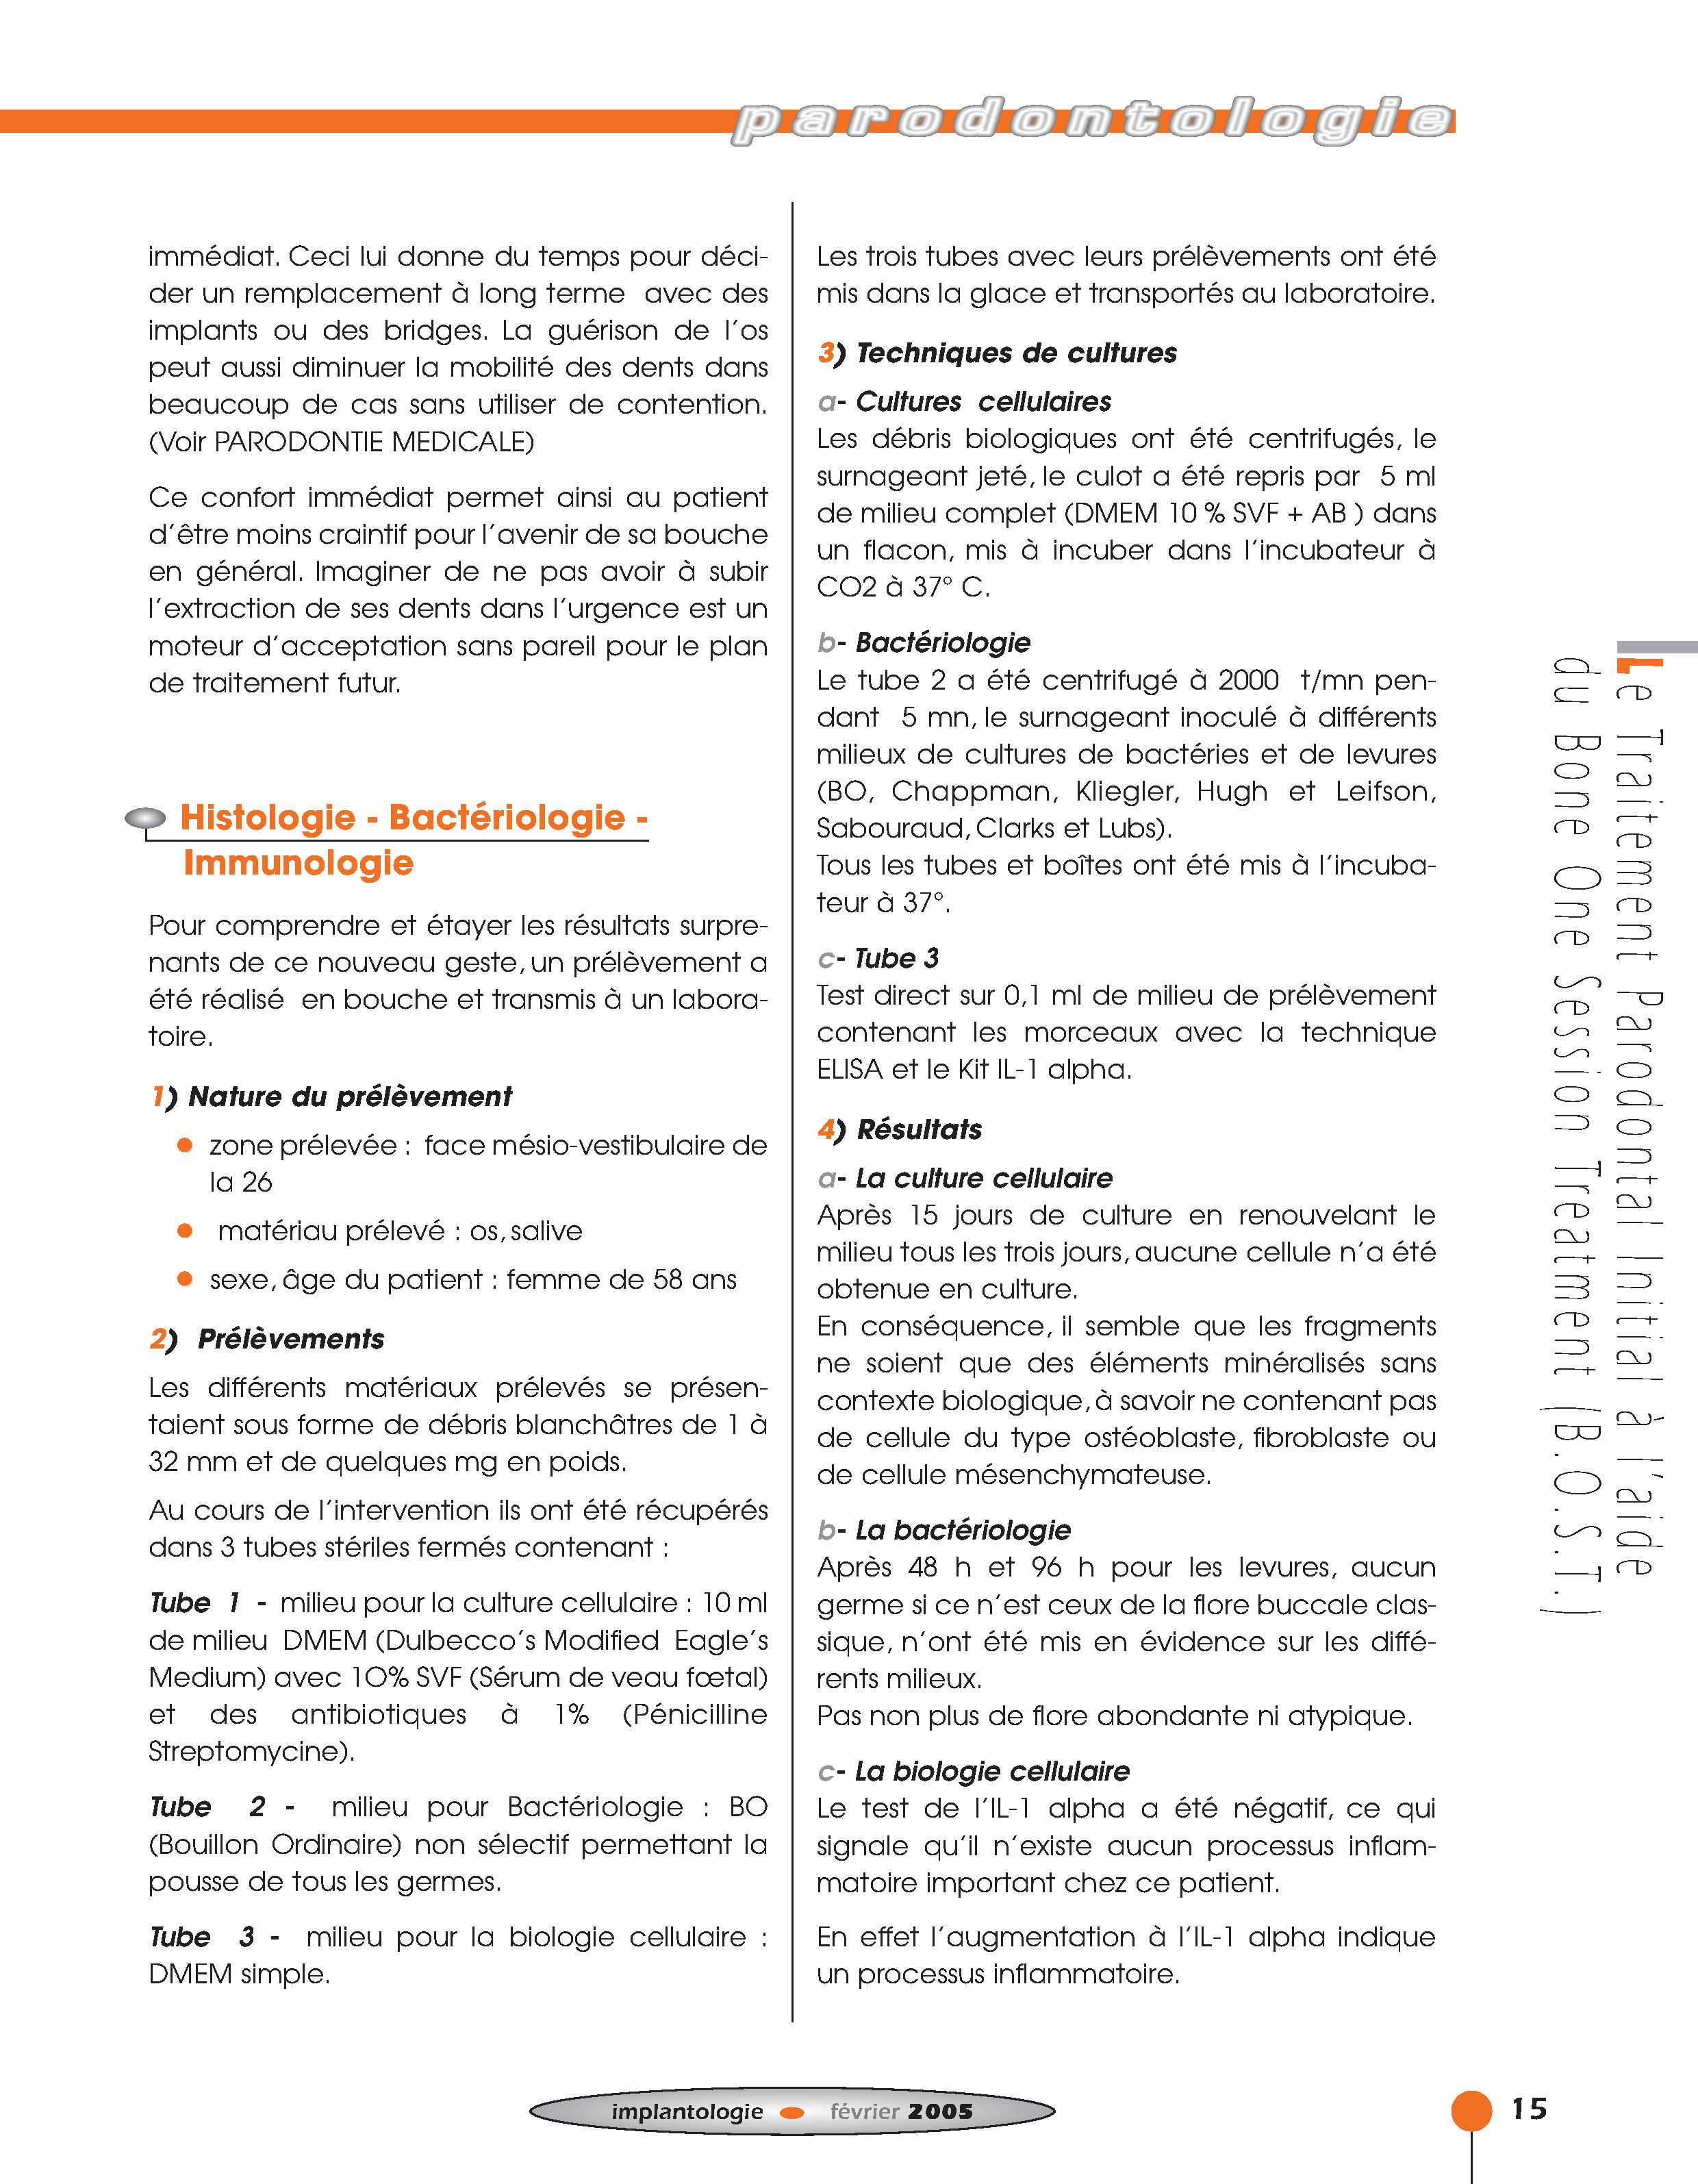 Implantologie BOST Article 14 BLZ-9.jpg